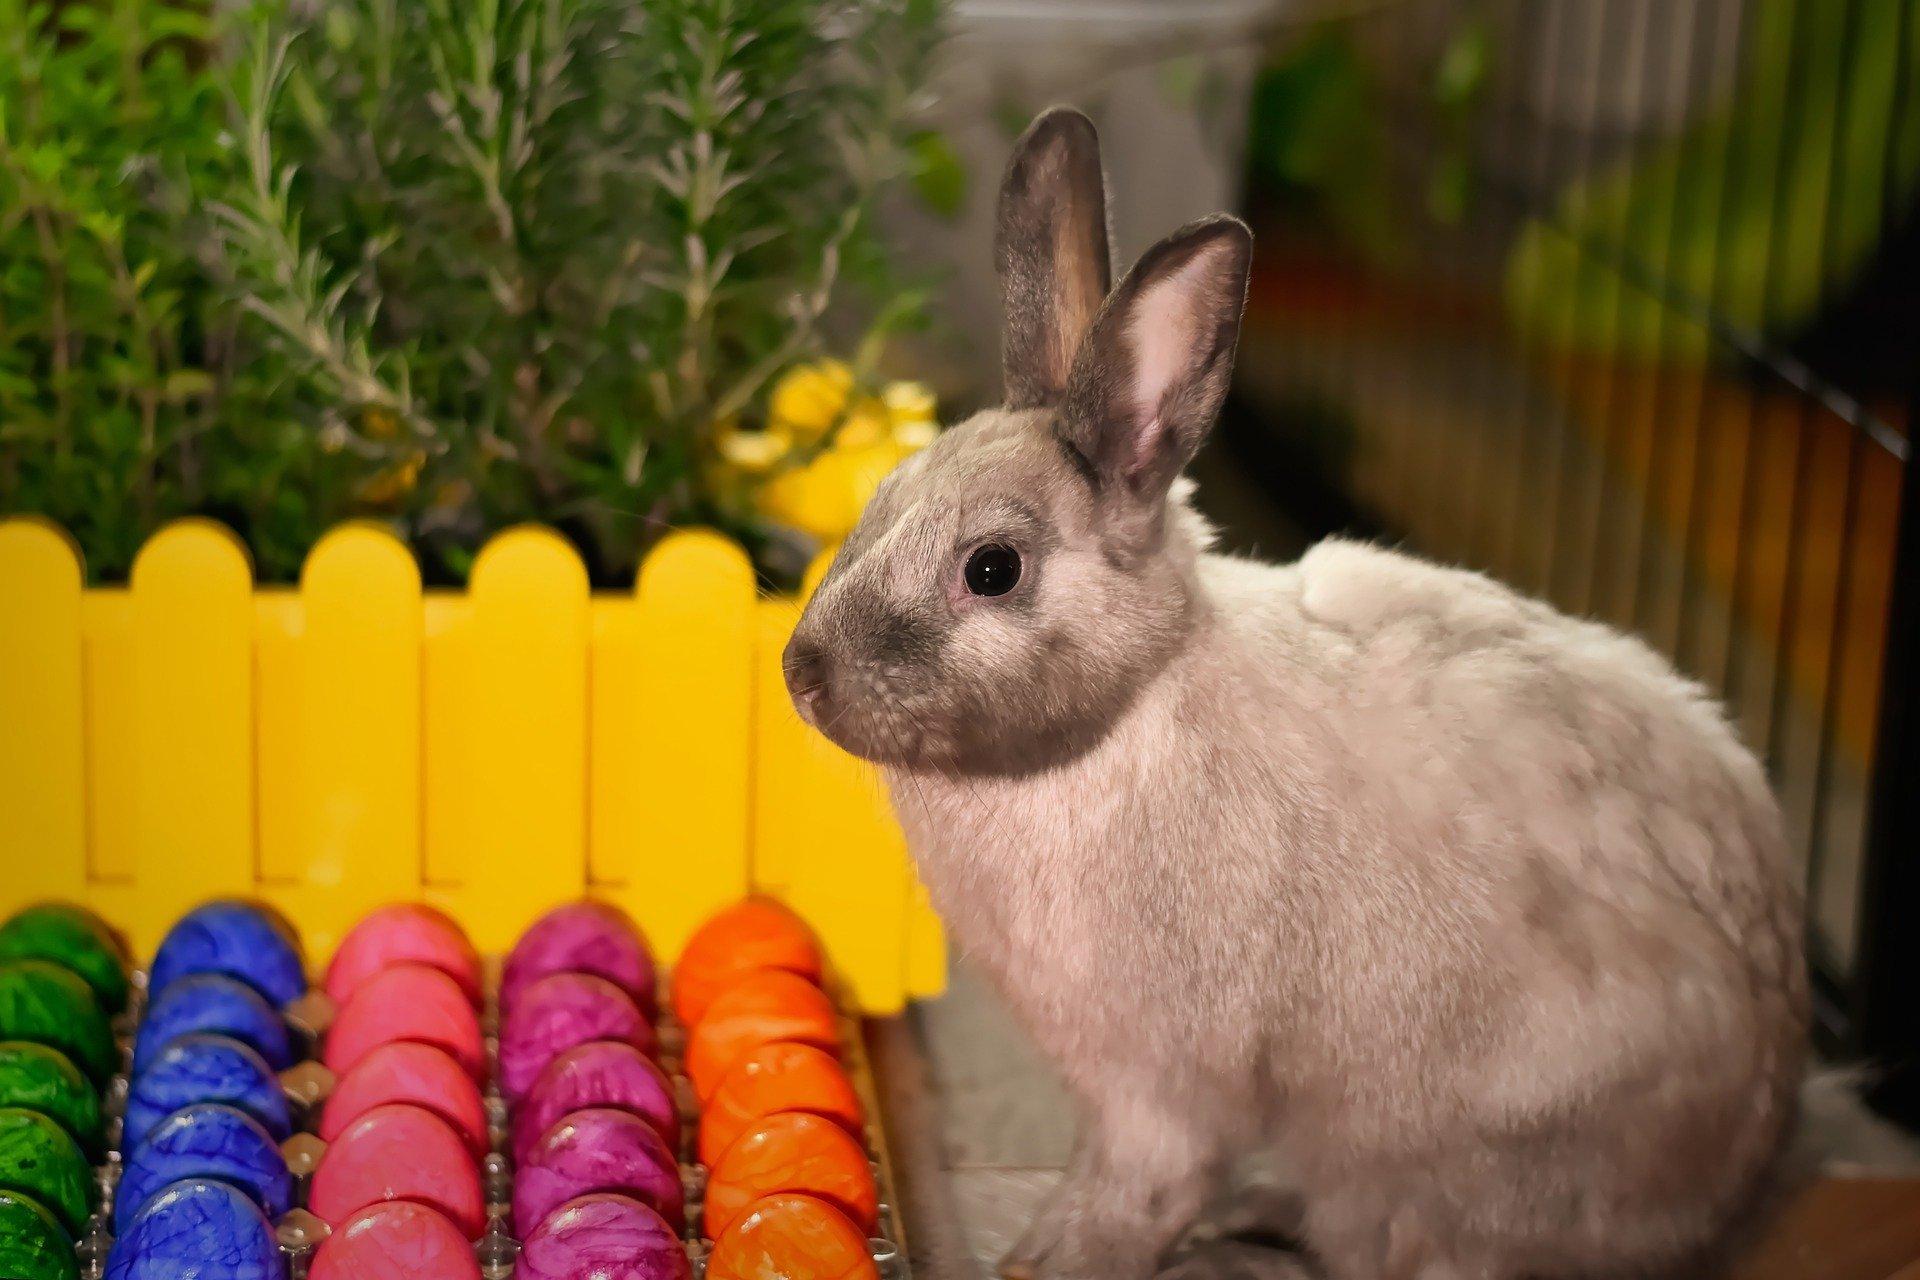 życzenia wielkanocne dla dzieci, wiersze i piosenki na Wielkanoc